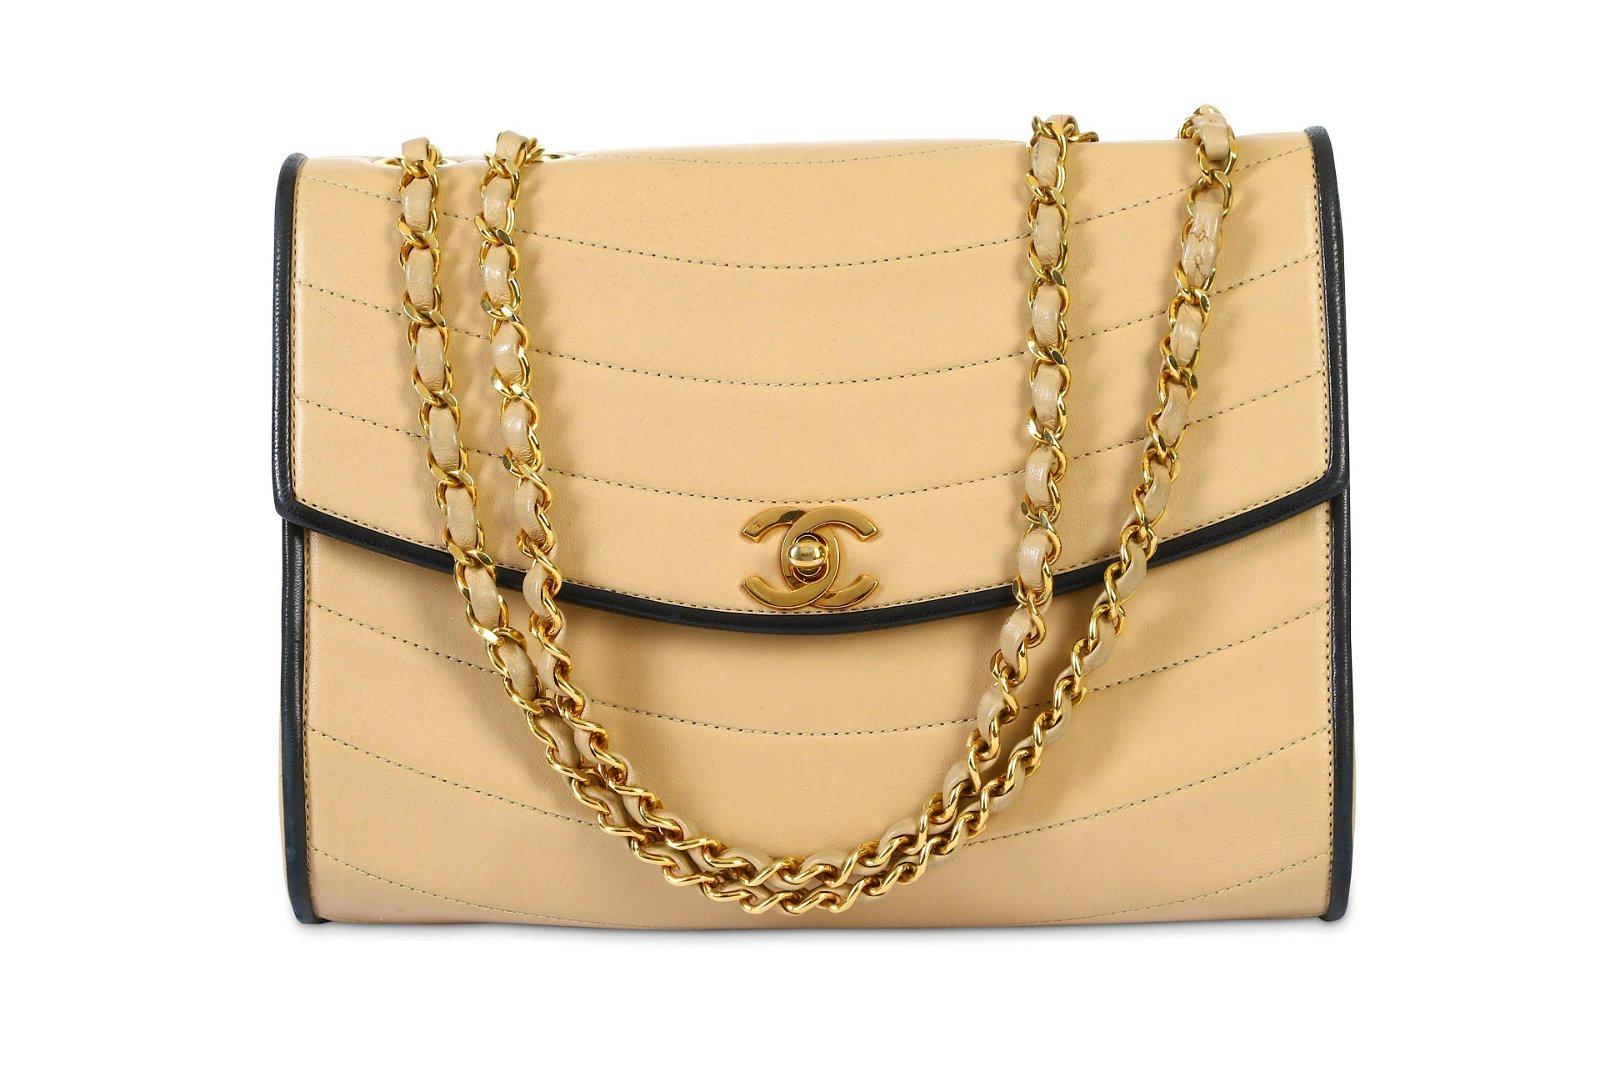 Chanel Vintage Beige Flap Bag